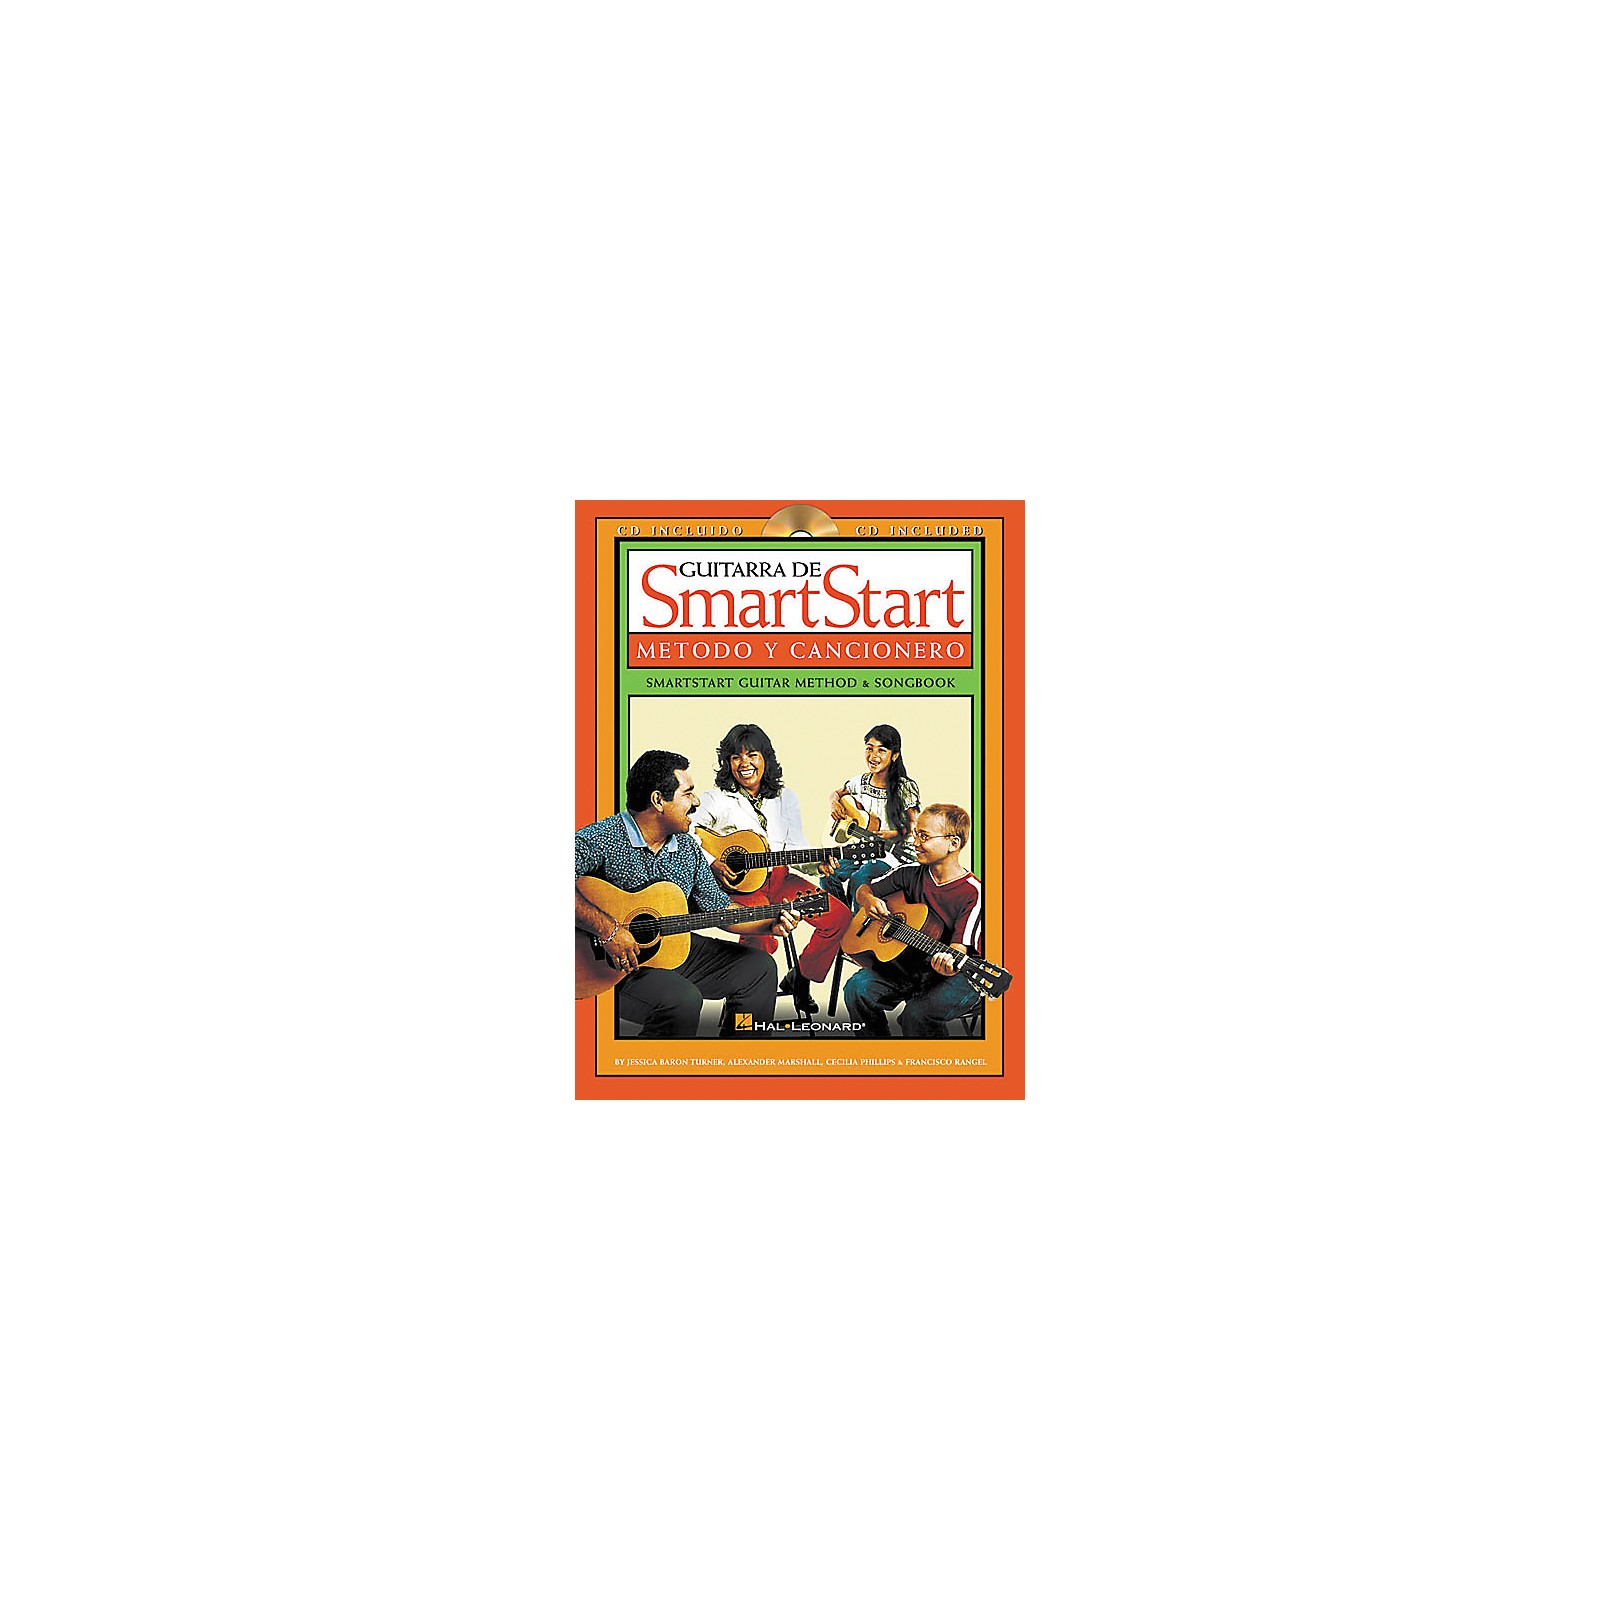 Hal Leonard Guitarra De SmartStart - Metodo y Cancionero Guitar Instruction Book